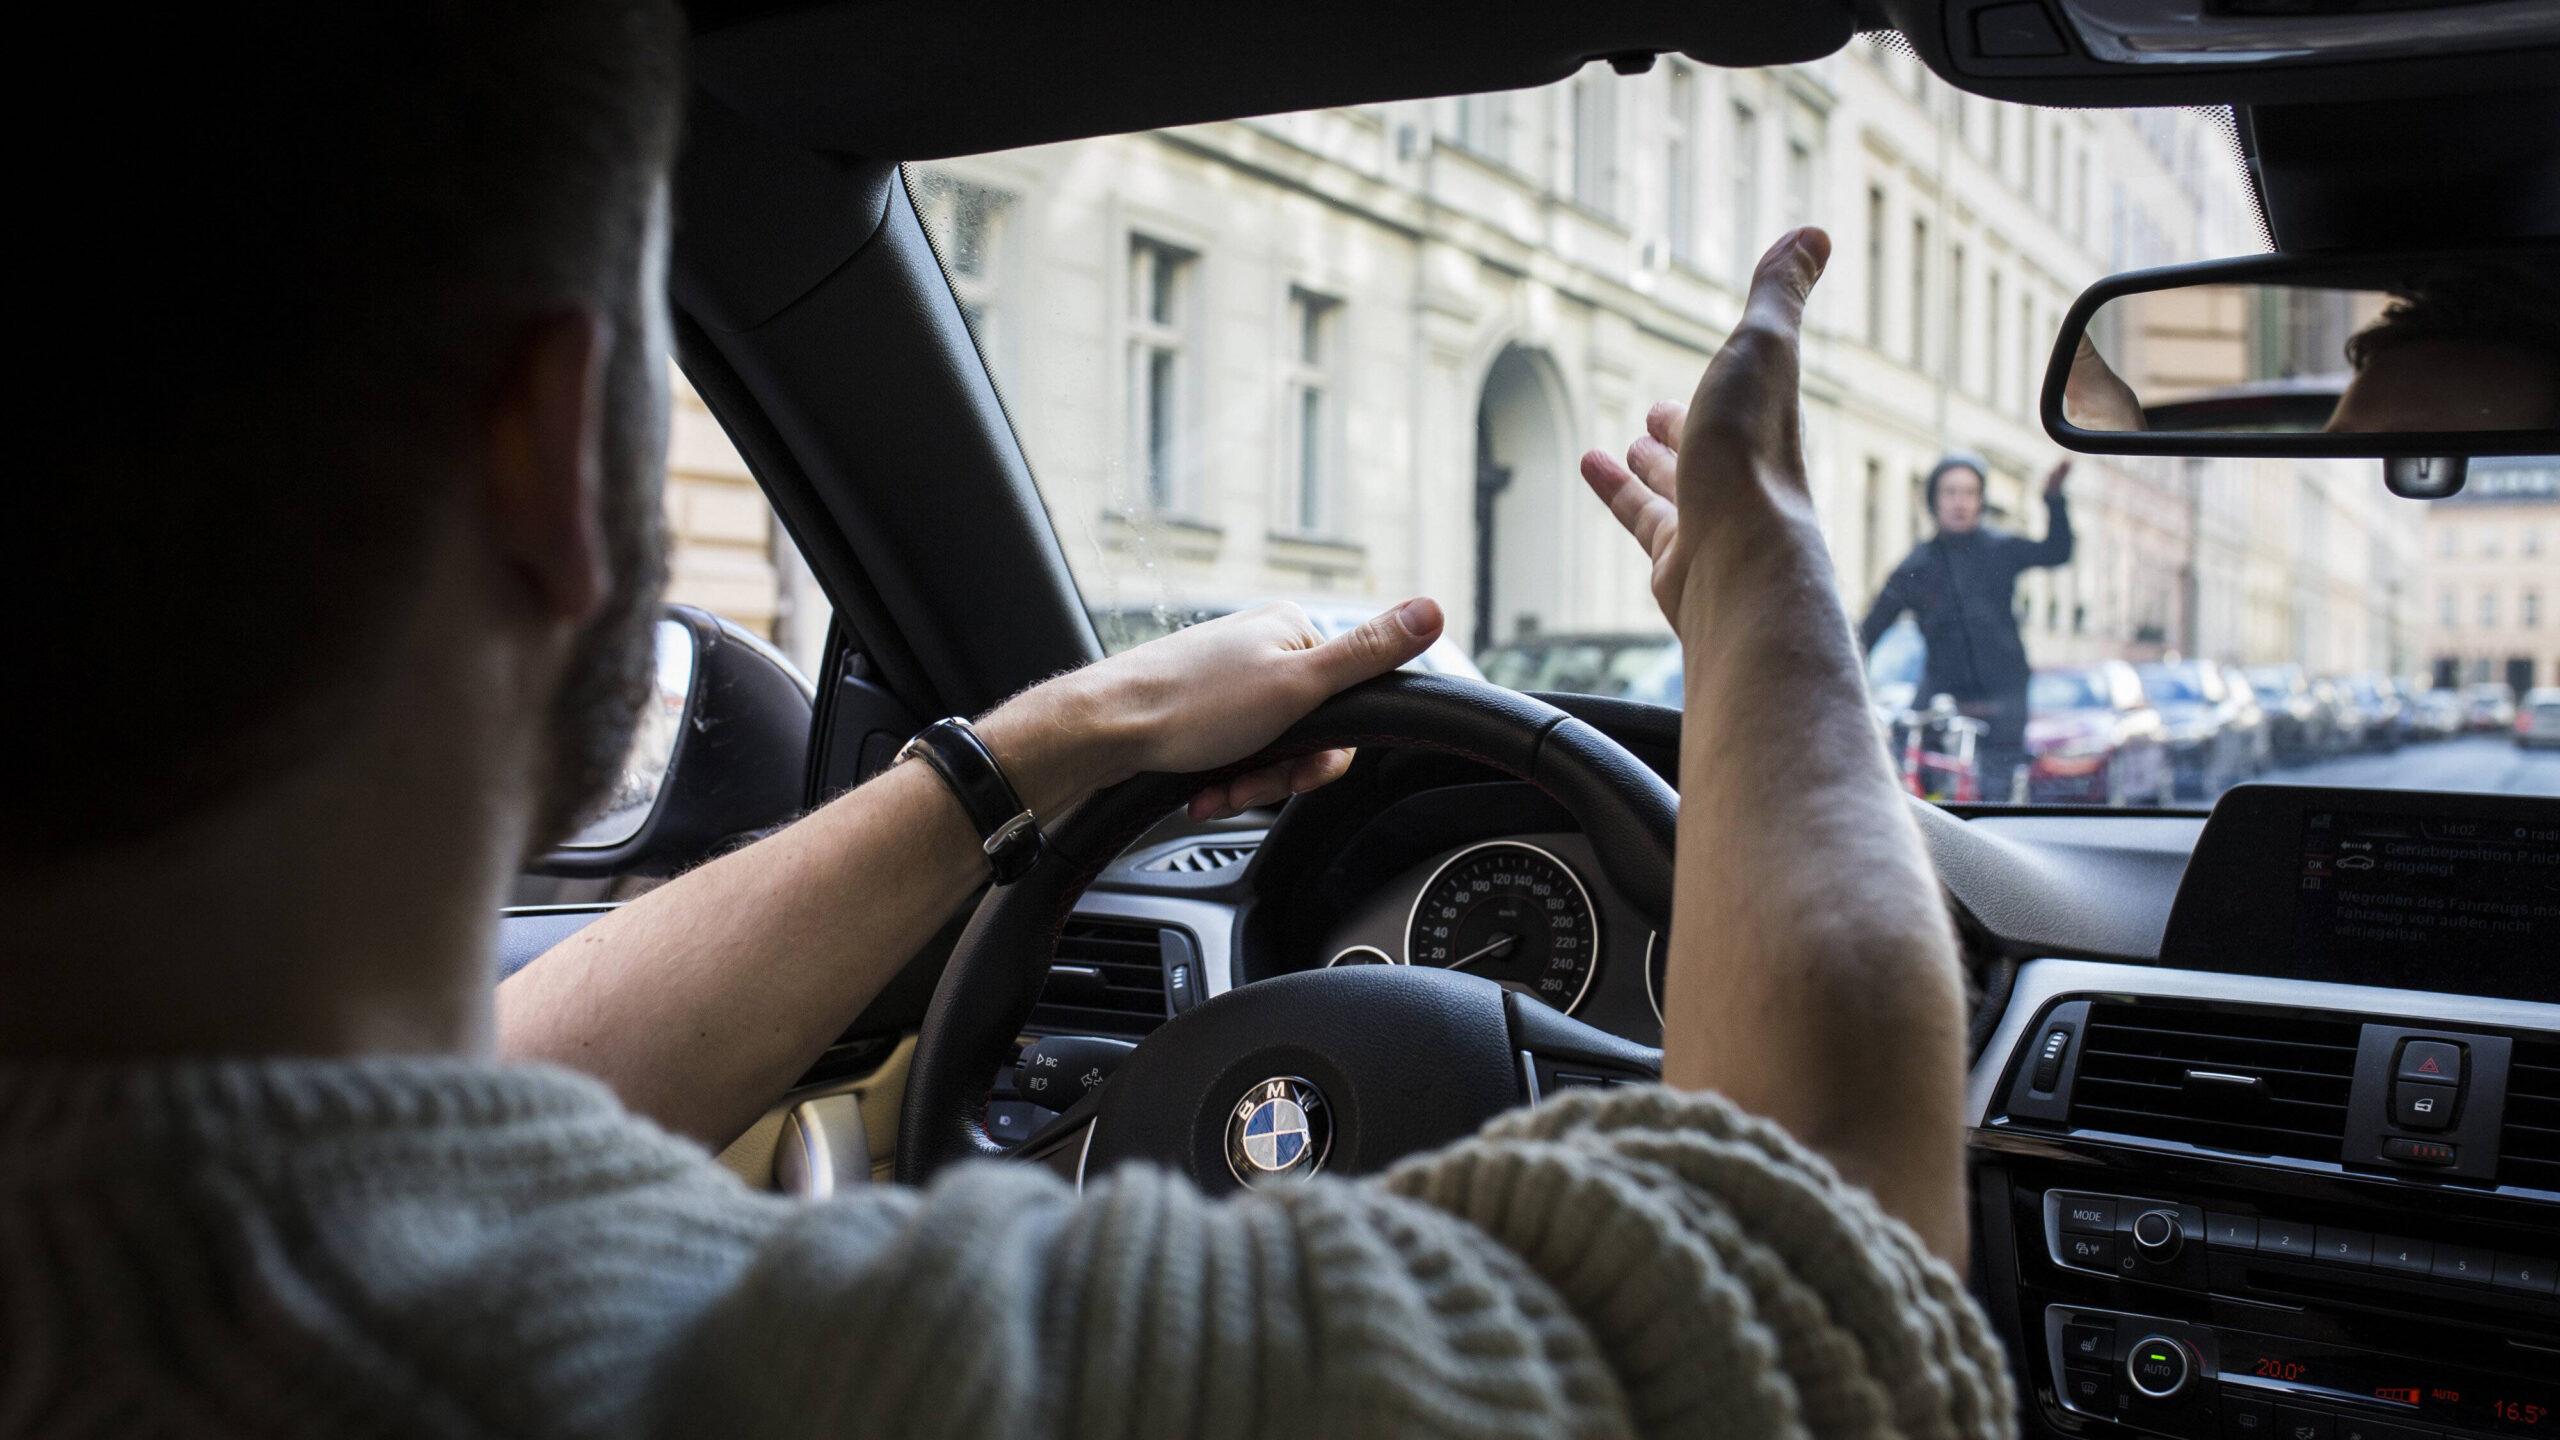 Aggression Tempelhof Radfahrer Autofahrer